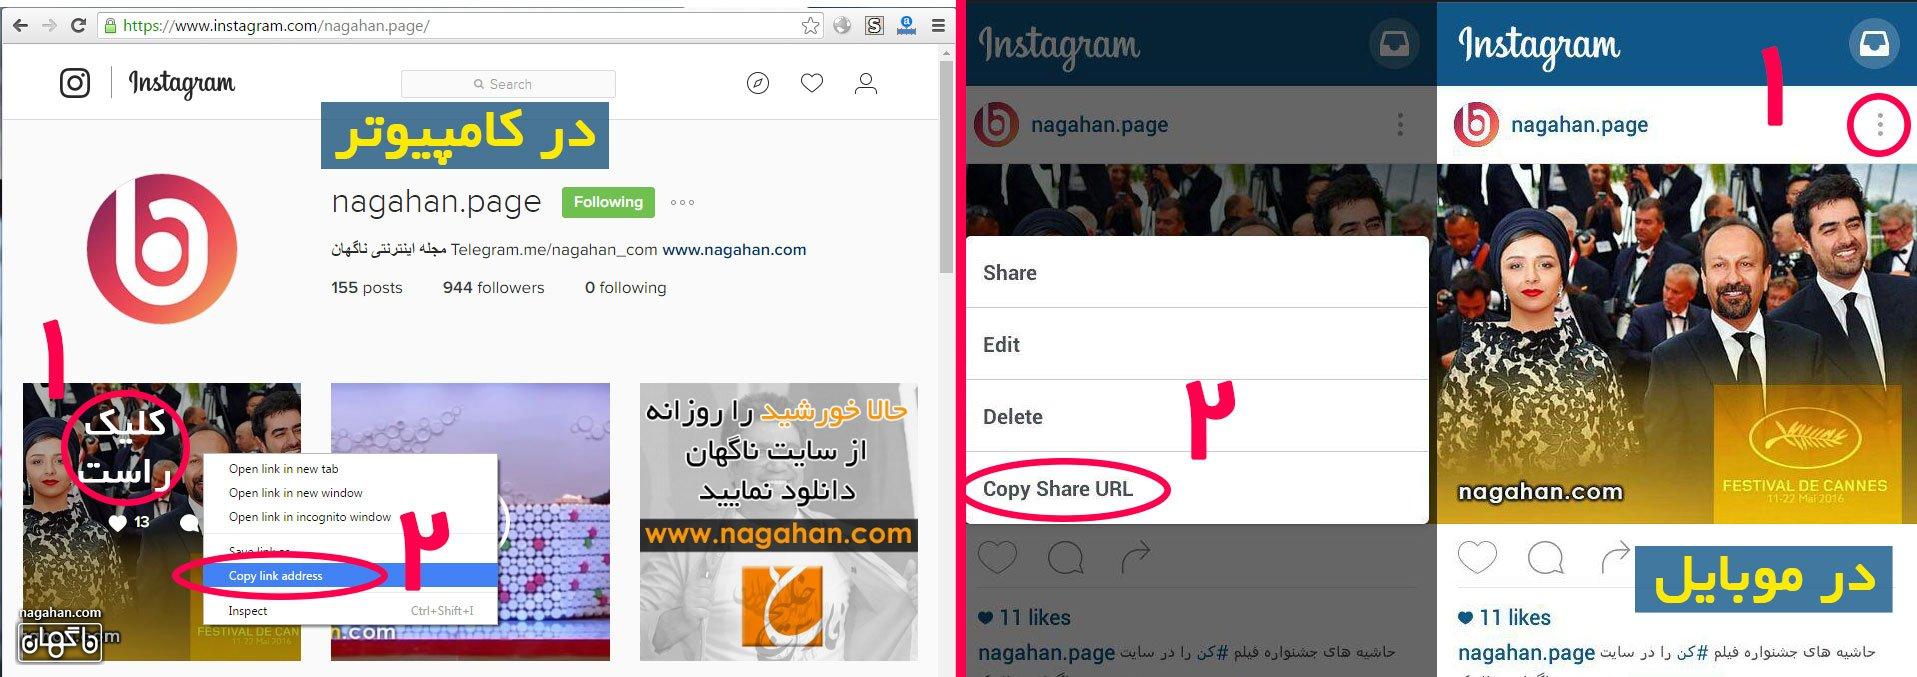 آموزش دانلود و ذخیره کردن عکس و ویدیو از اینستاگرام